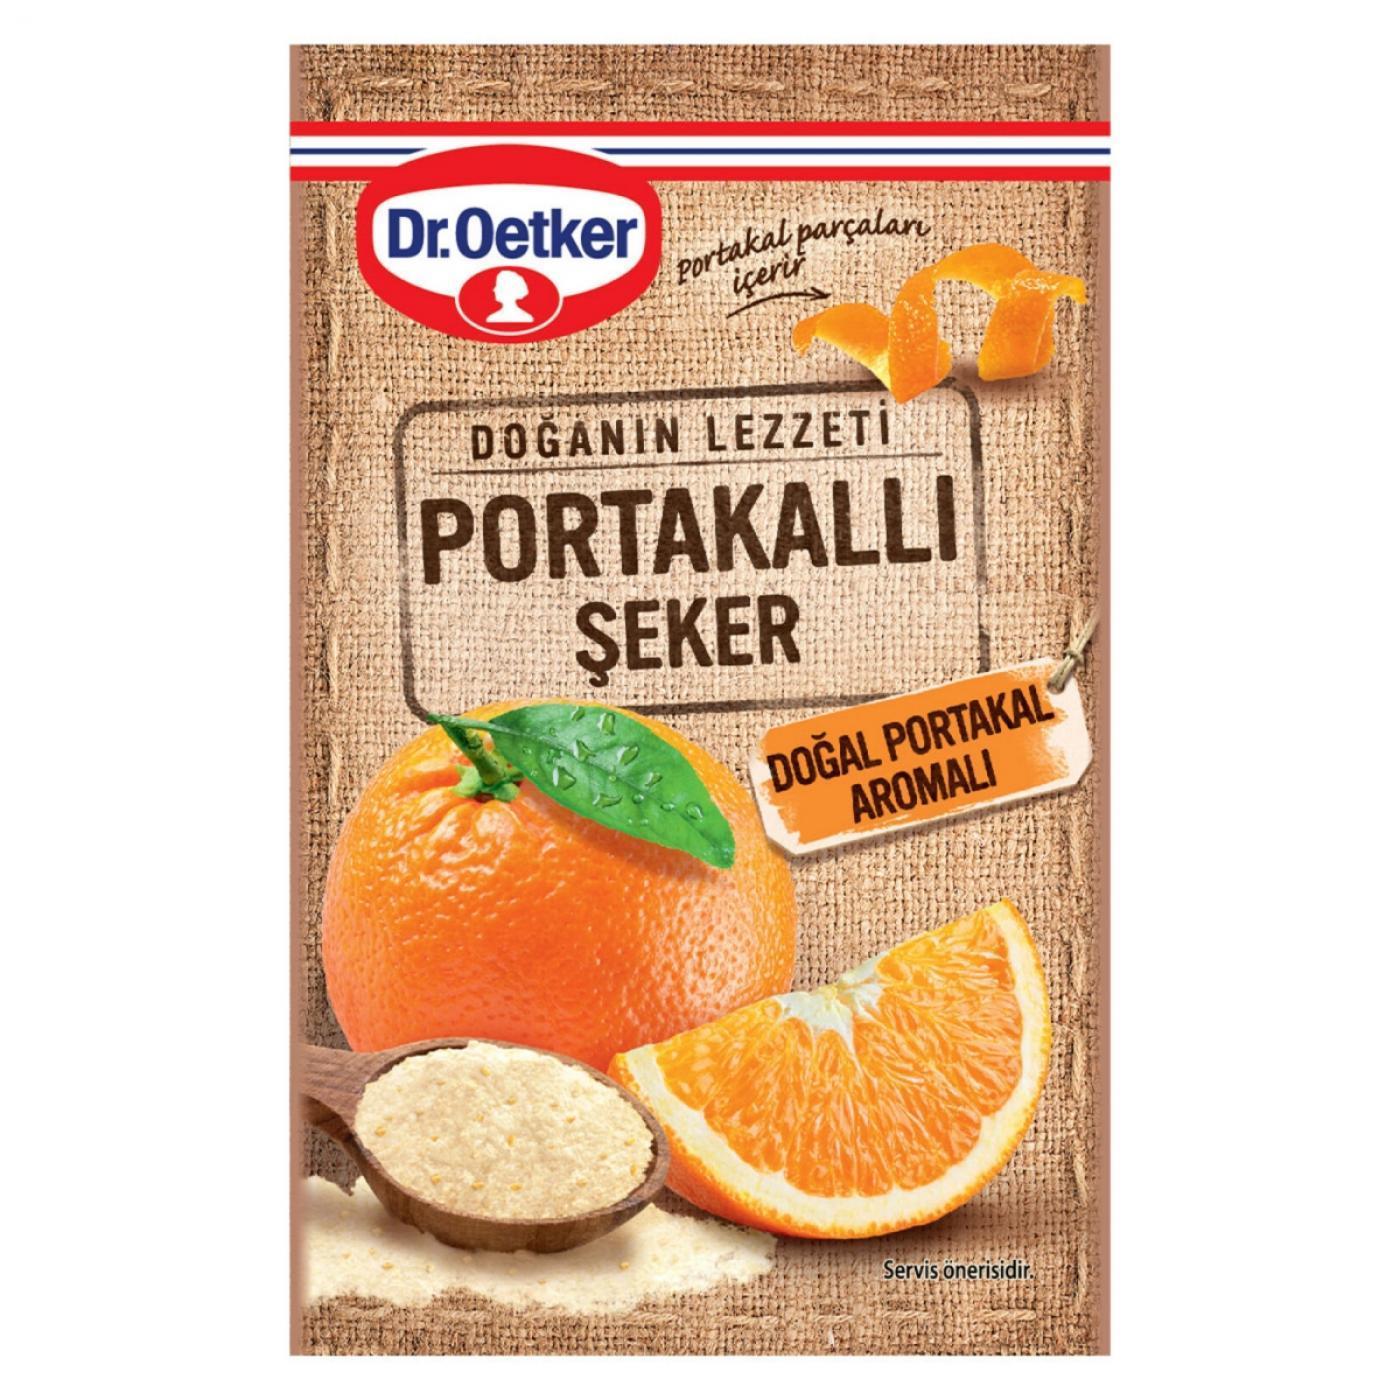 DR.OETKER PORTAKALLI ŞEKER 14GR